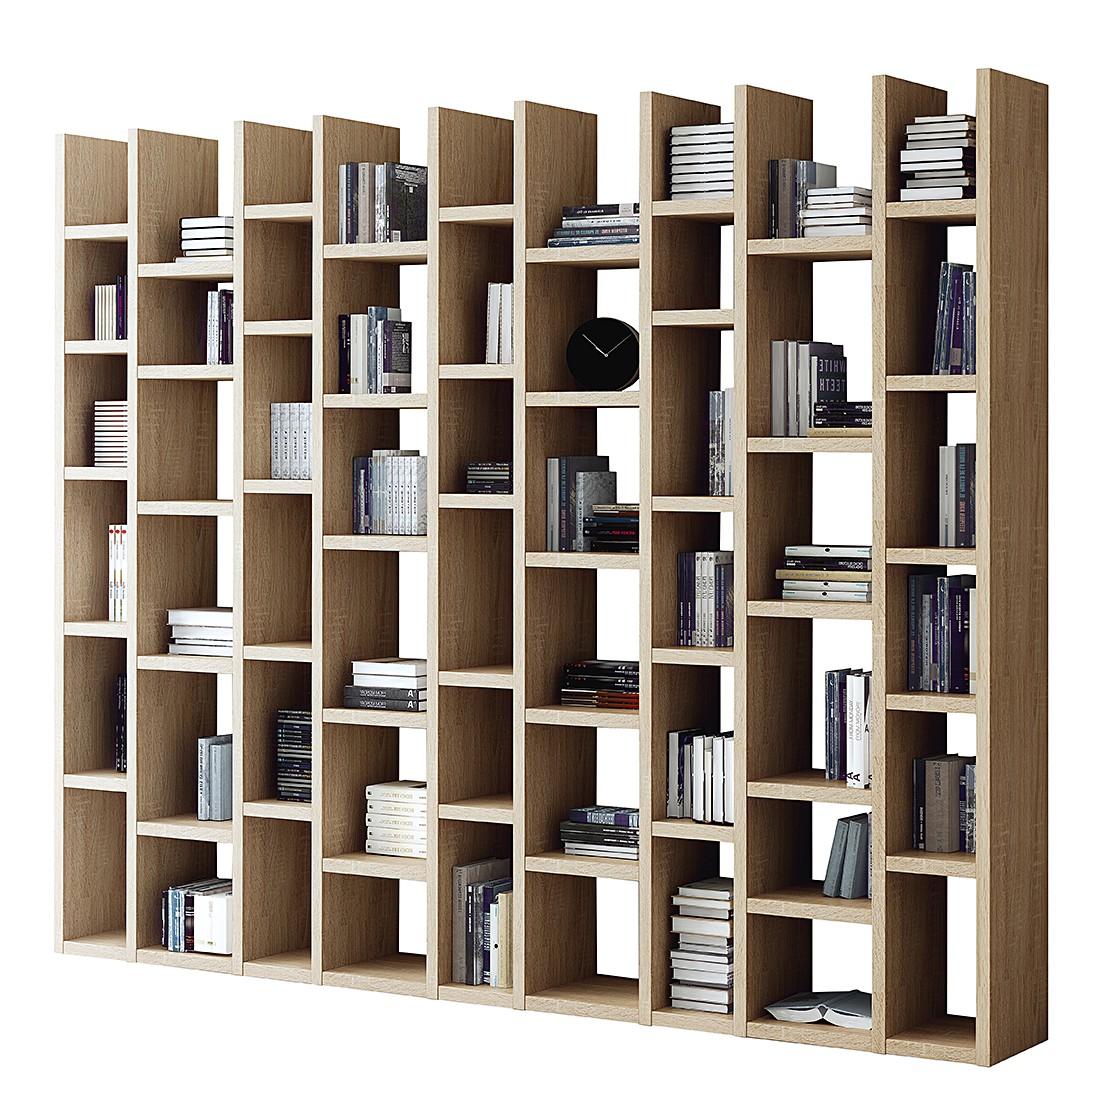 Bücherregal Emporior III - Eiche Sonoma Dekor, loftscape